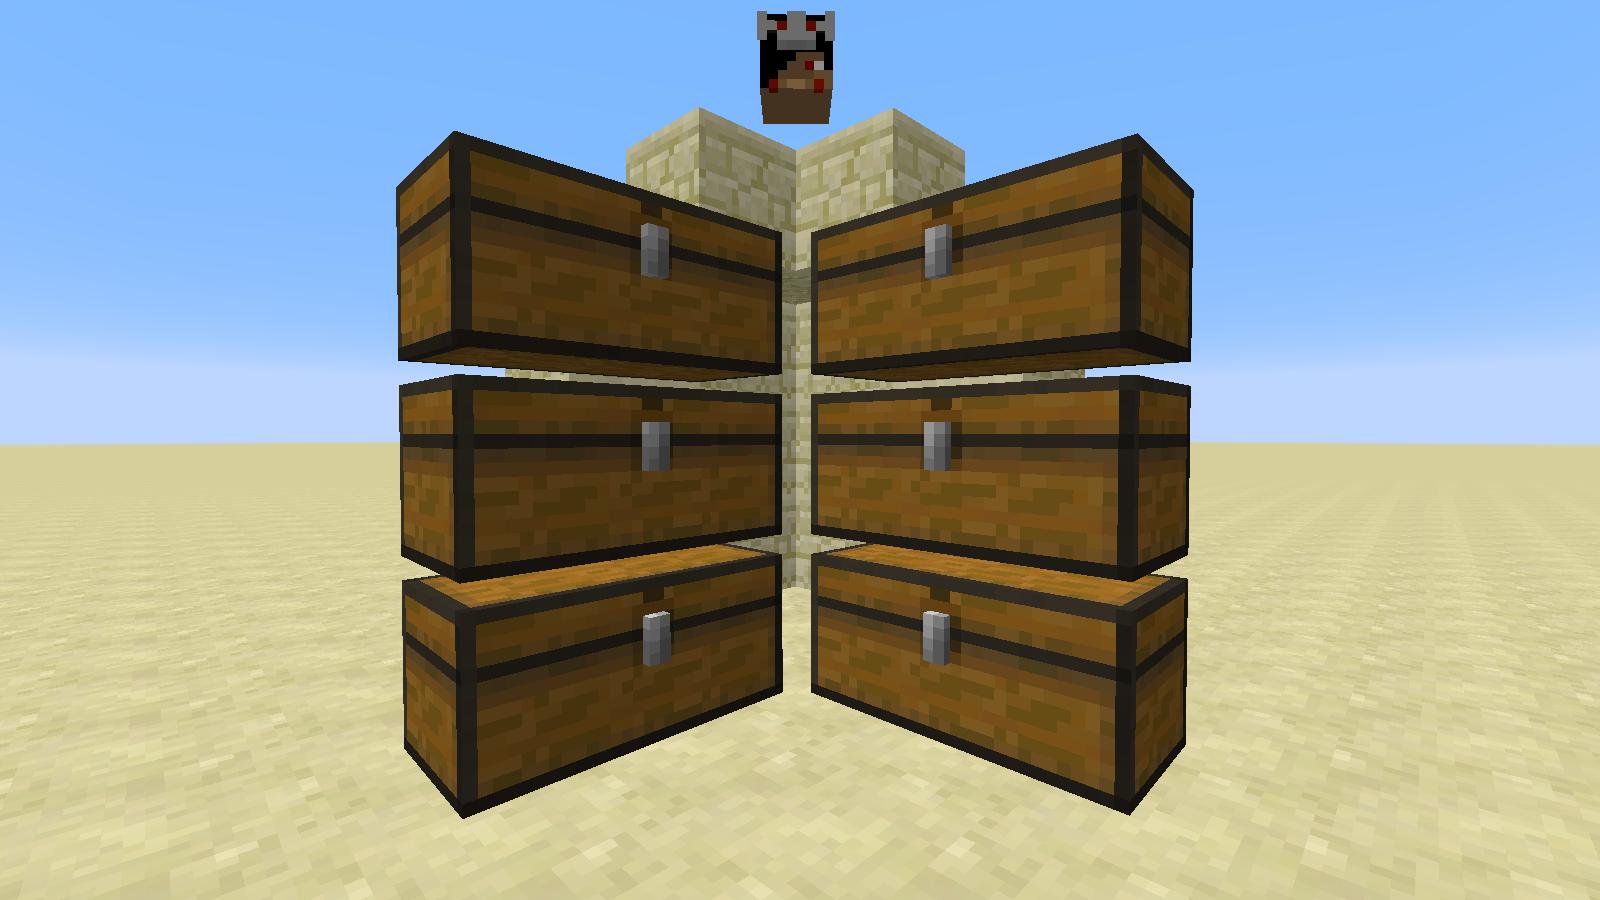 Comment Créer Un Passage Secret minecraft passage secret à travers des coffres !